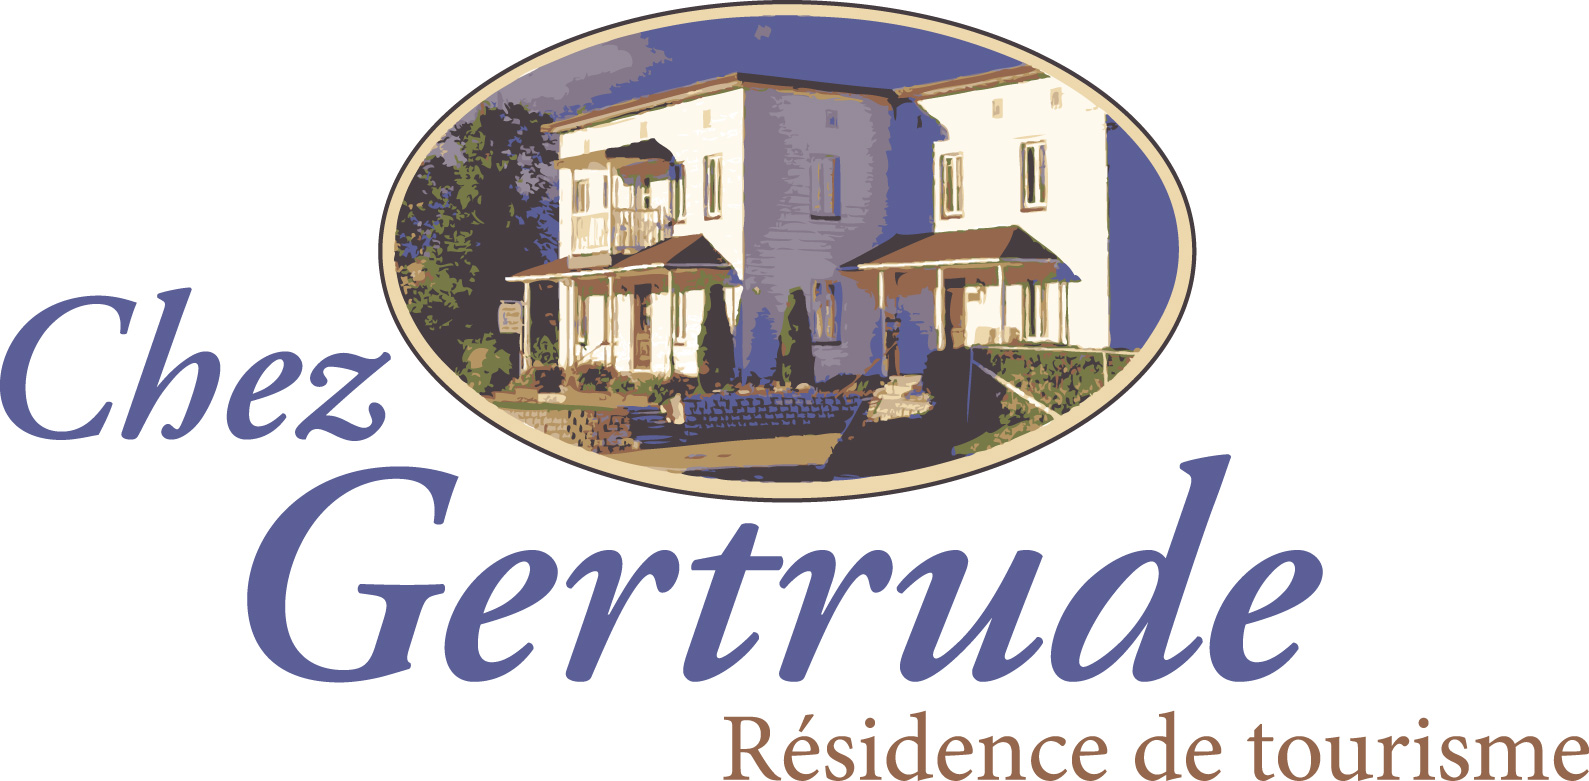 Chez Gertrude, résidence de tourisme